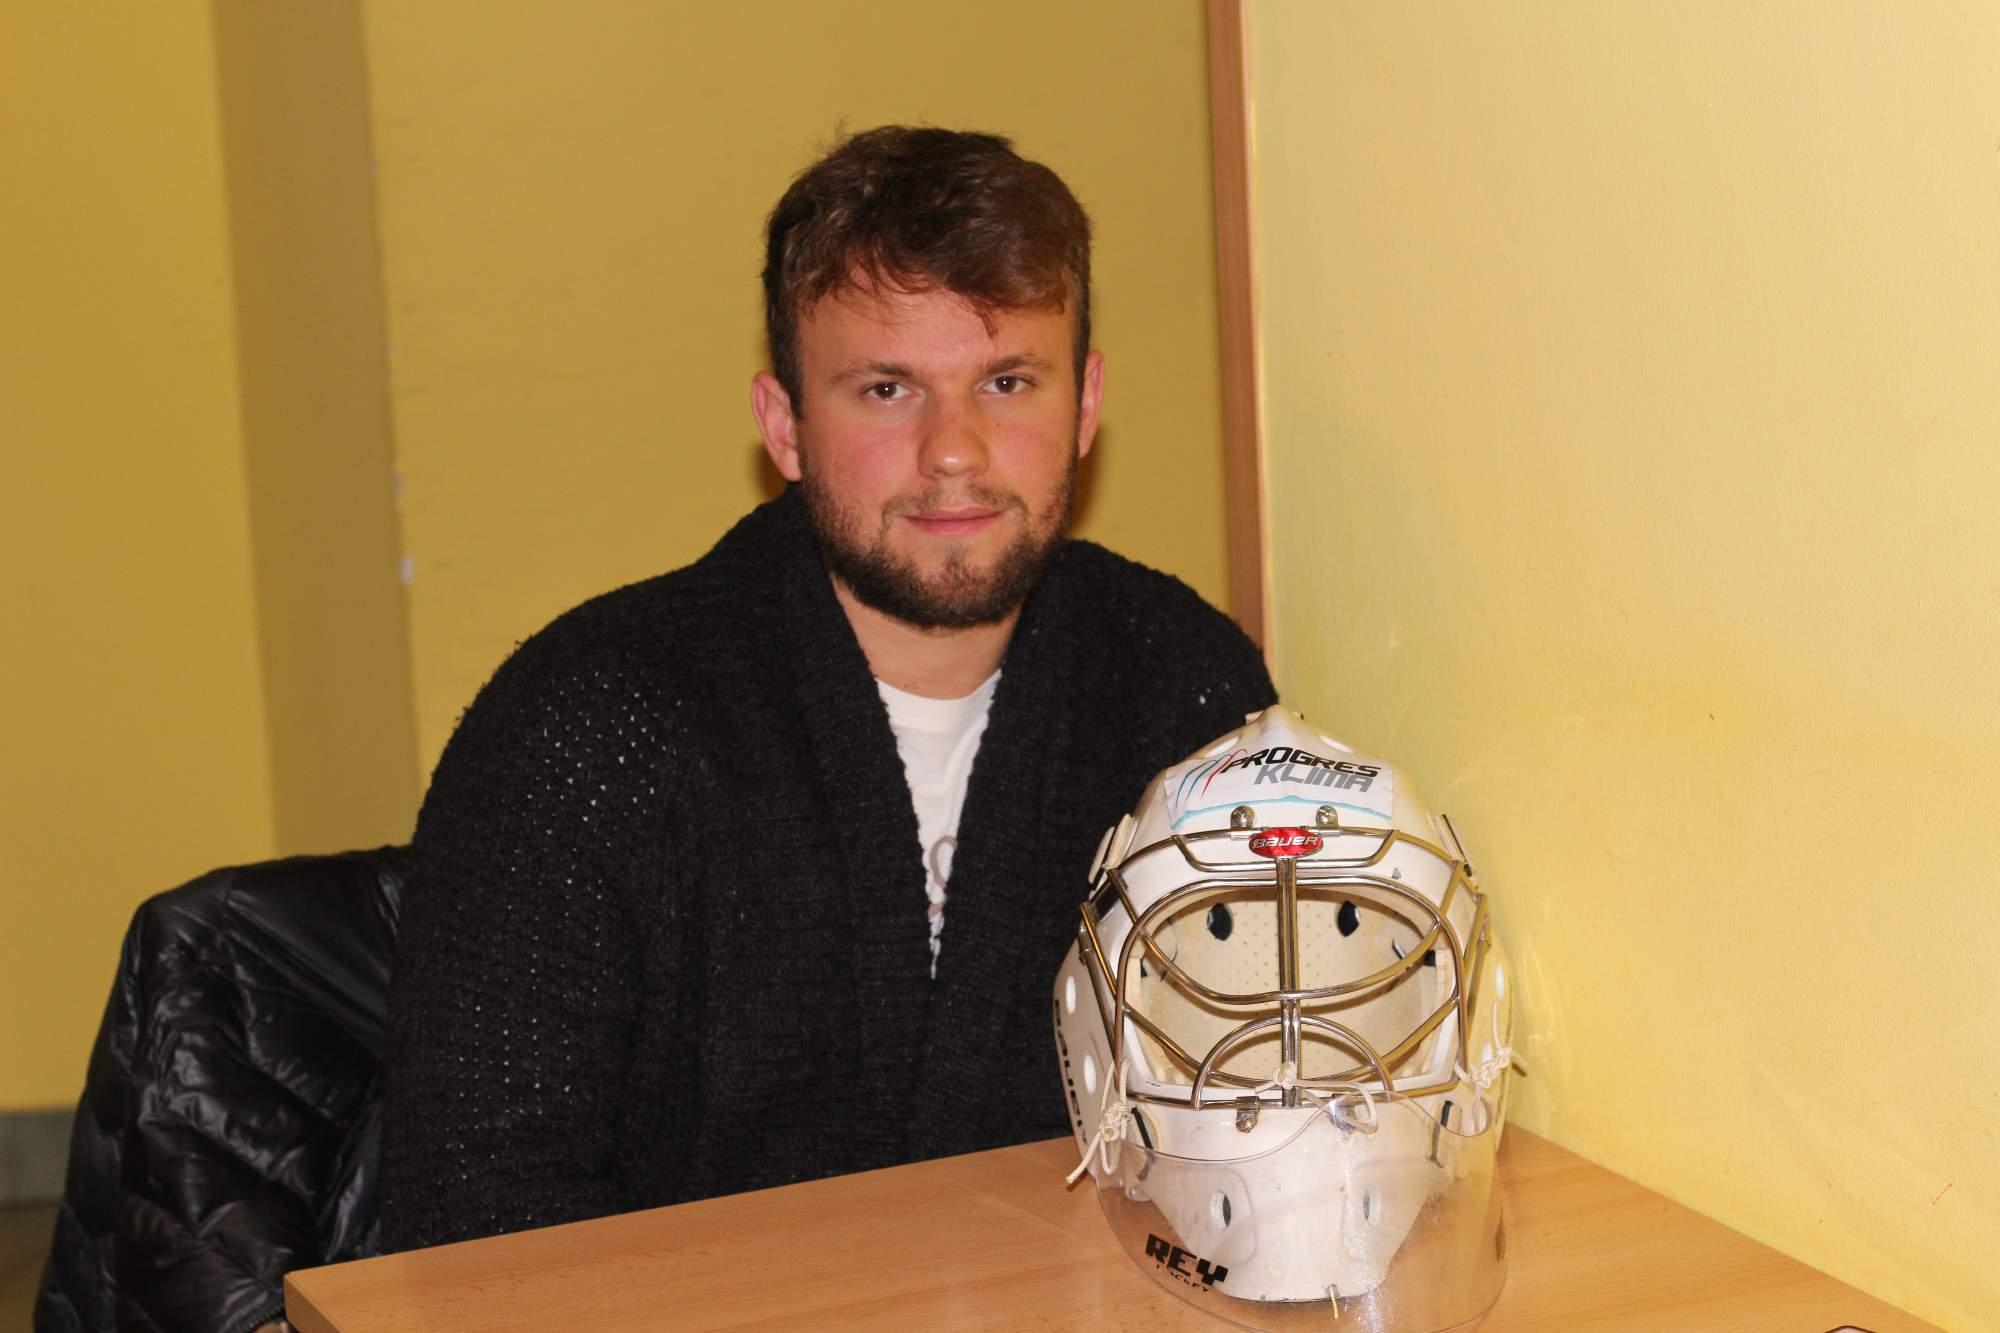 Pavel Golasowski, brankář HC Masaryk University. Foto: Tomáš Siřinek